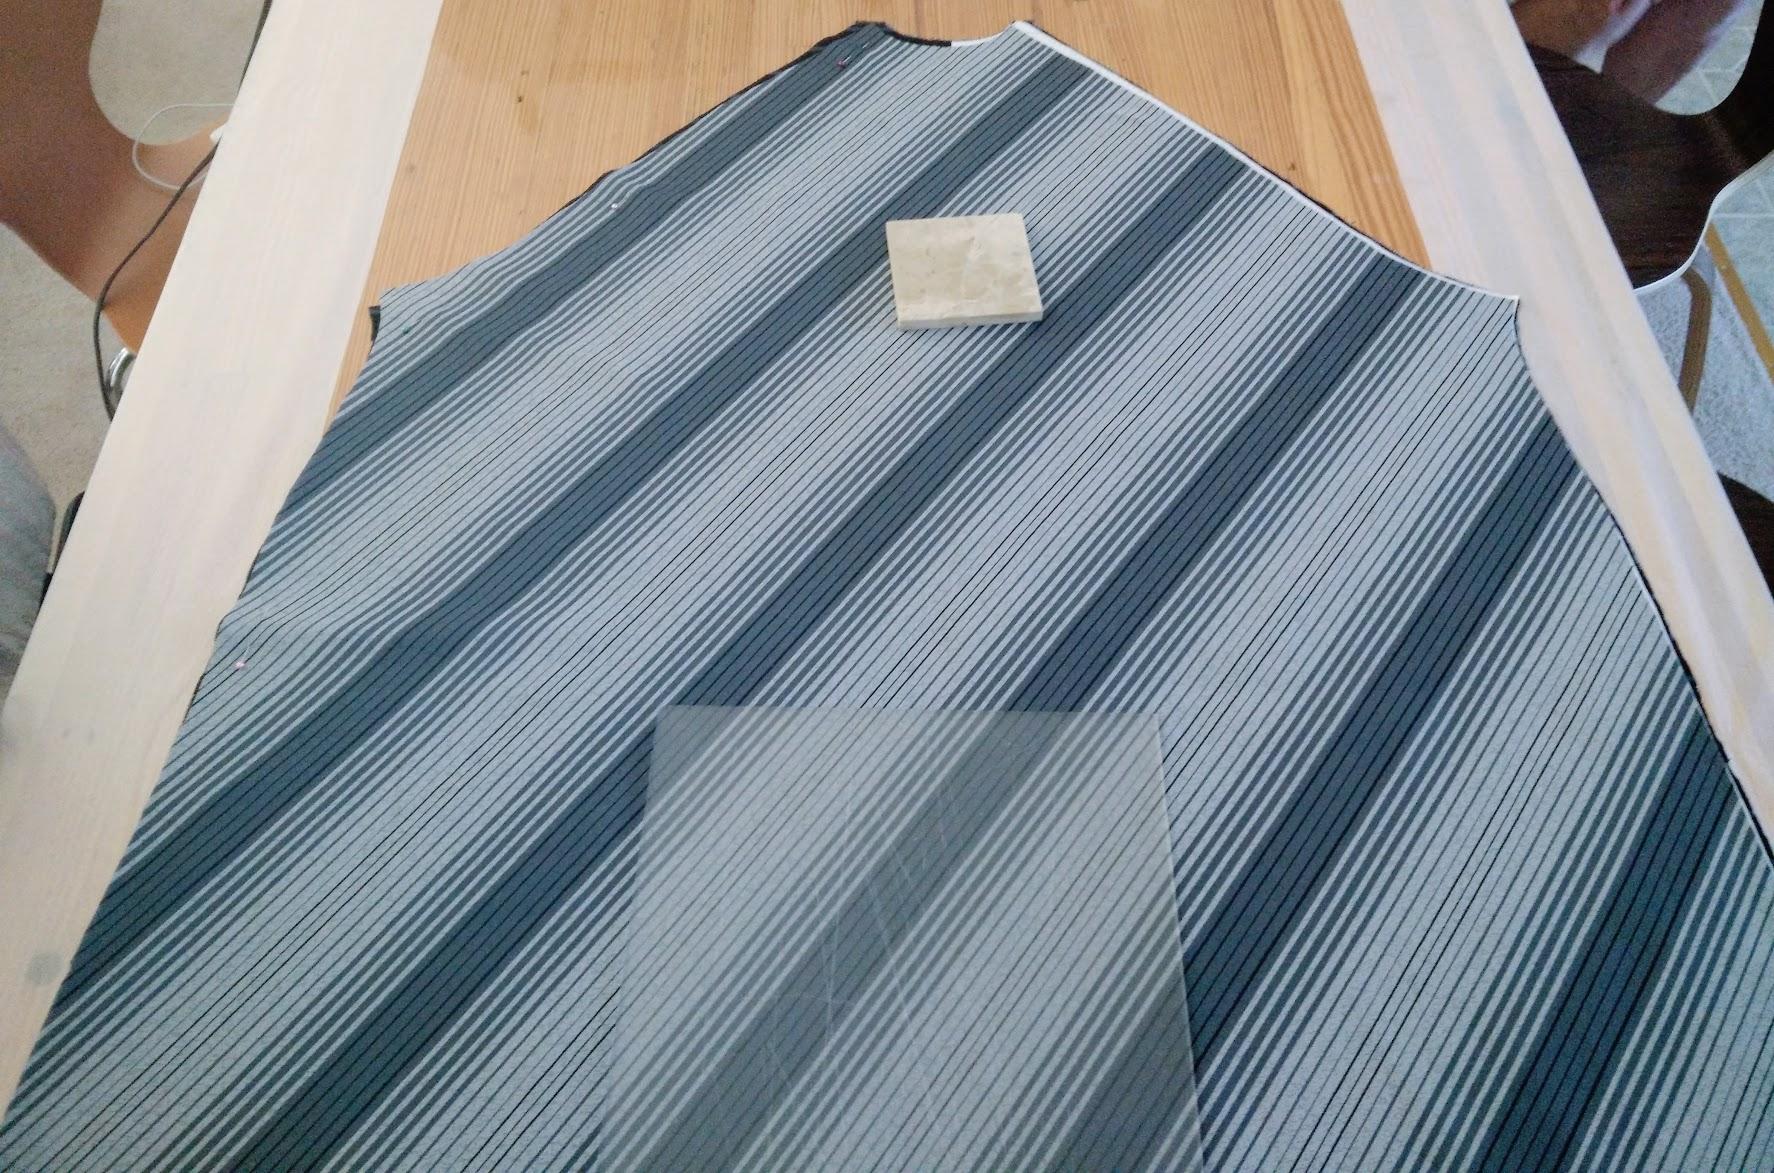 In-Progress: Three-Way Apron Dress - DIY Fashion project | fafafoom.com